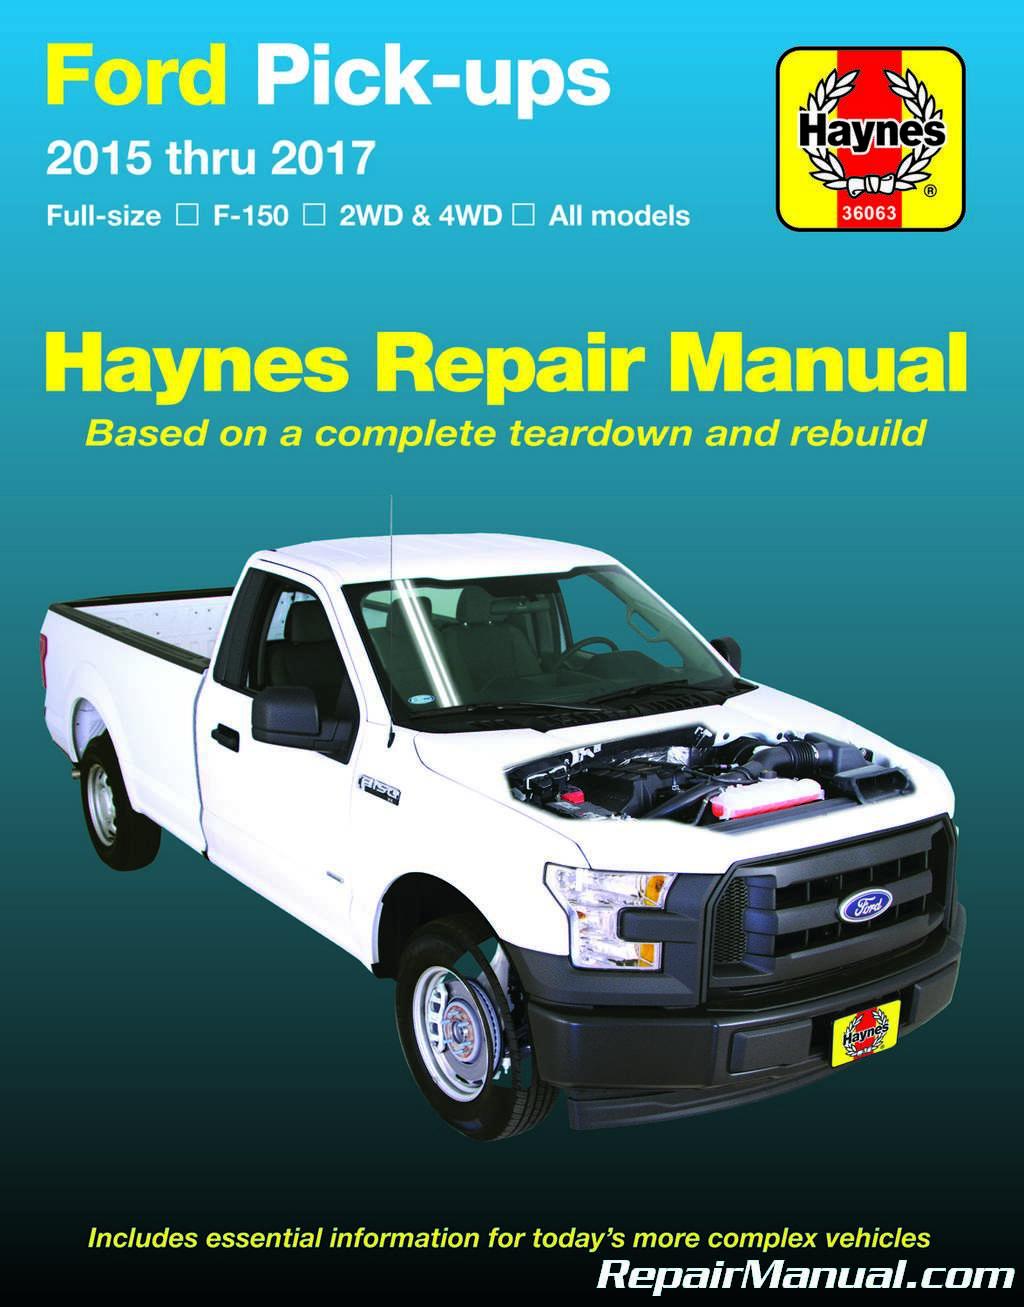 Haynes Ford Pickup 2015 – 2017 Repair Manual